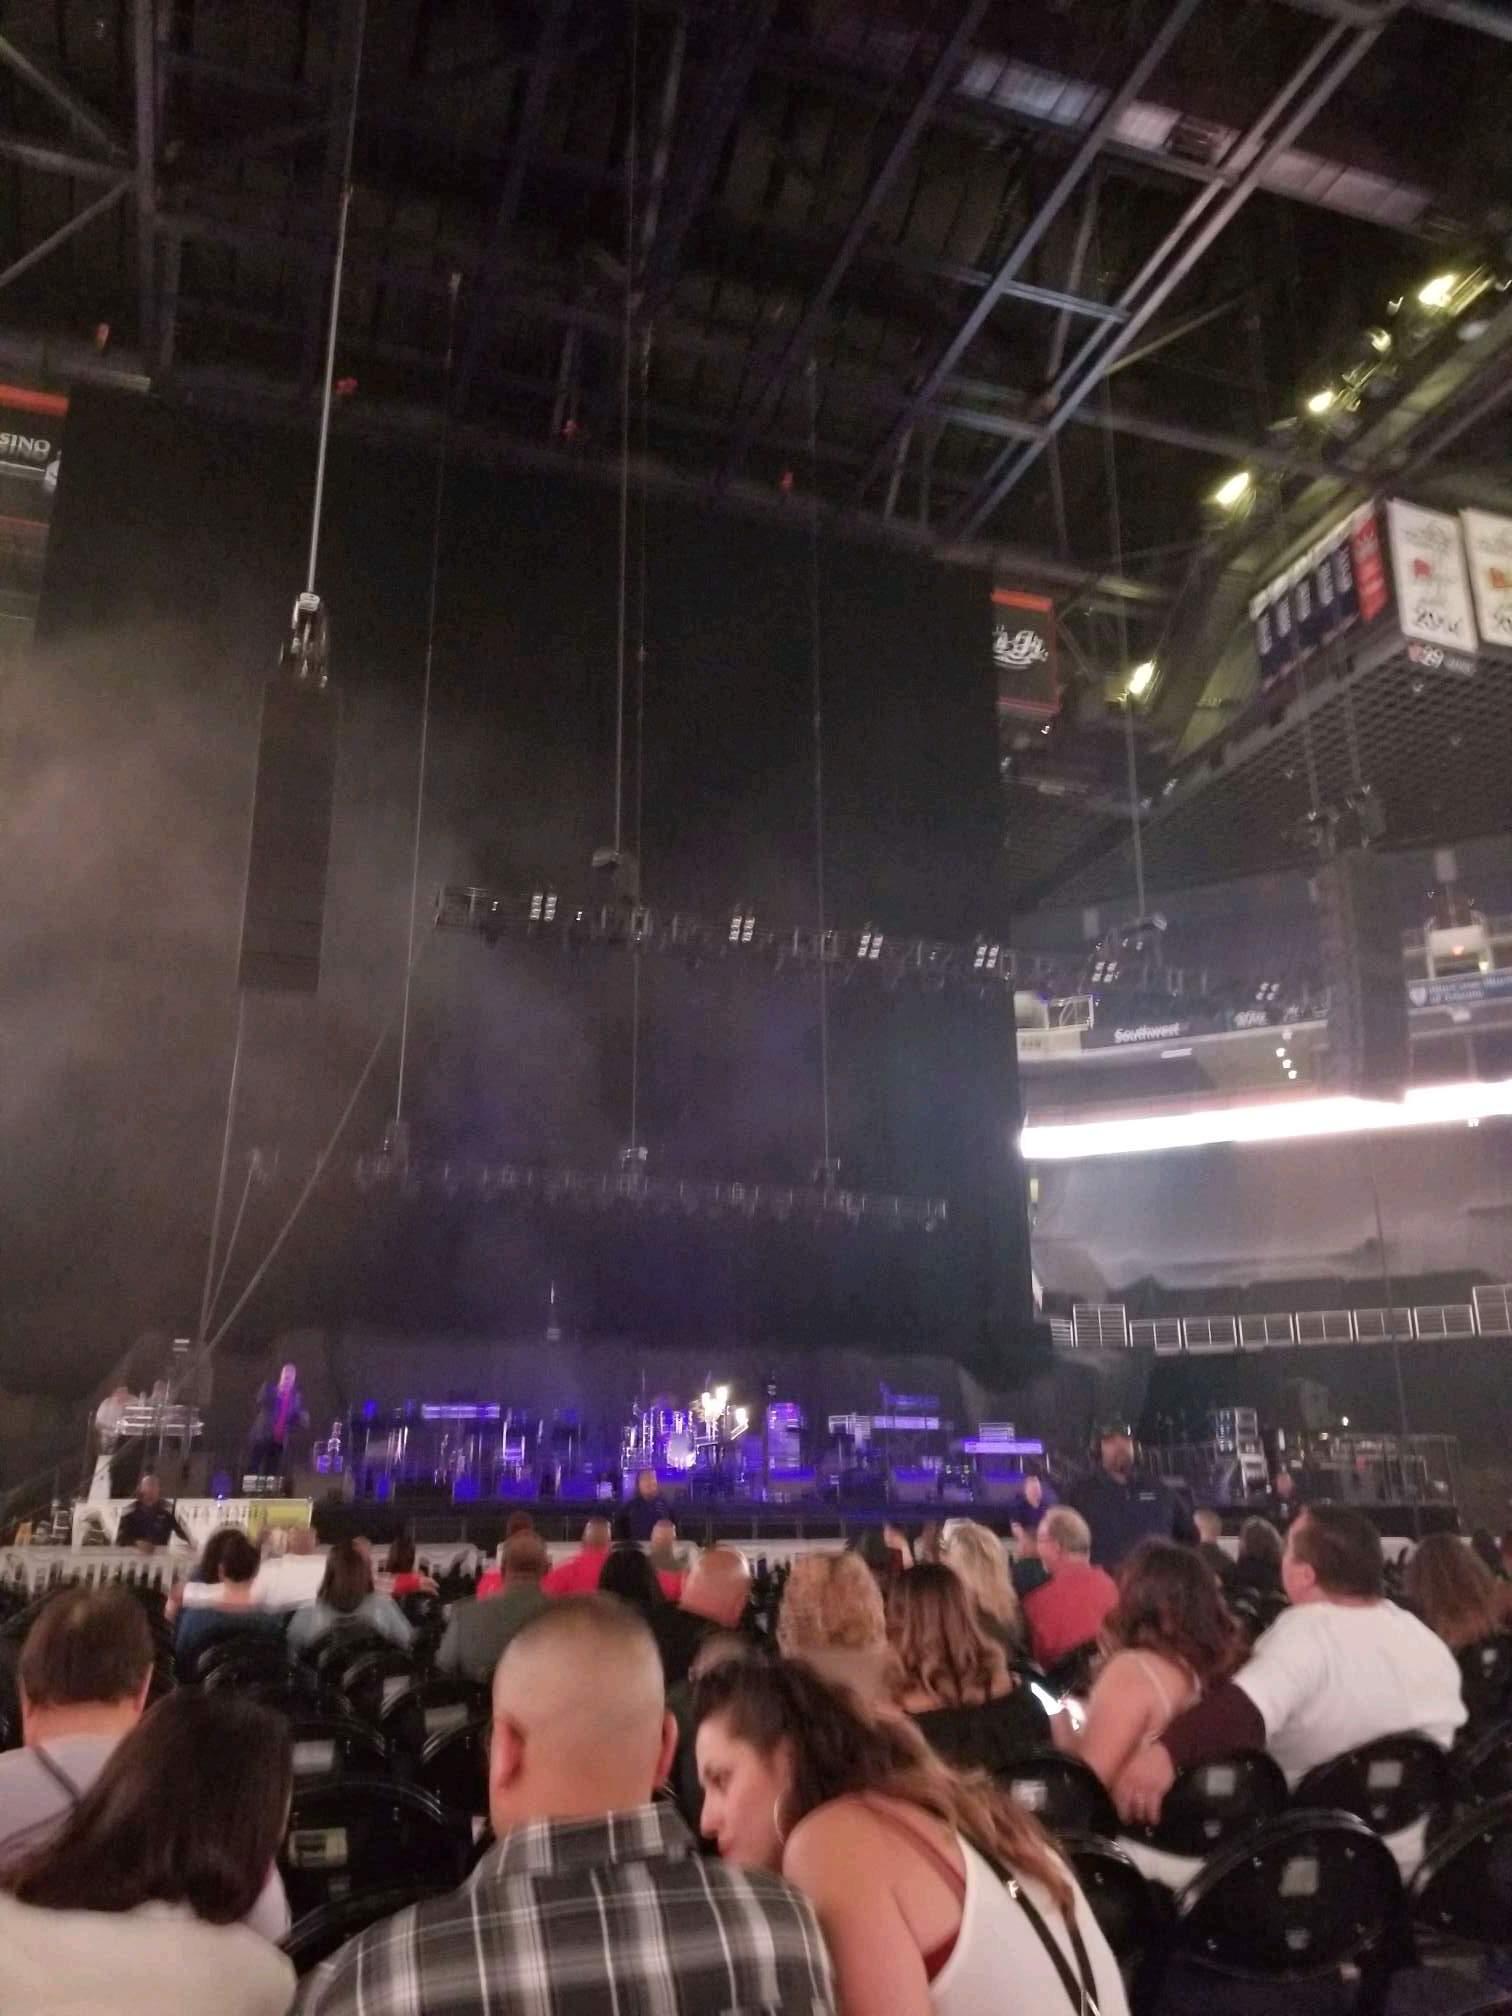 PHX Arena Section Floor C Row 19 Seat 8